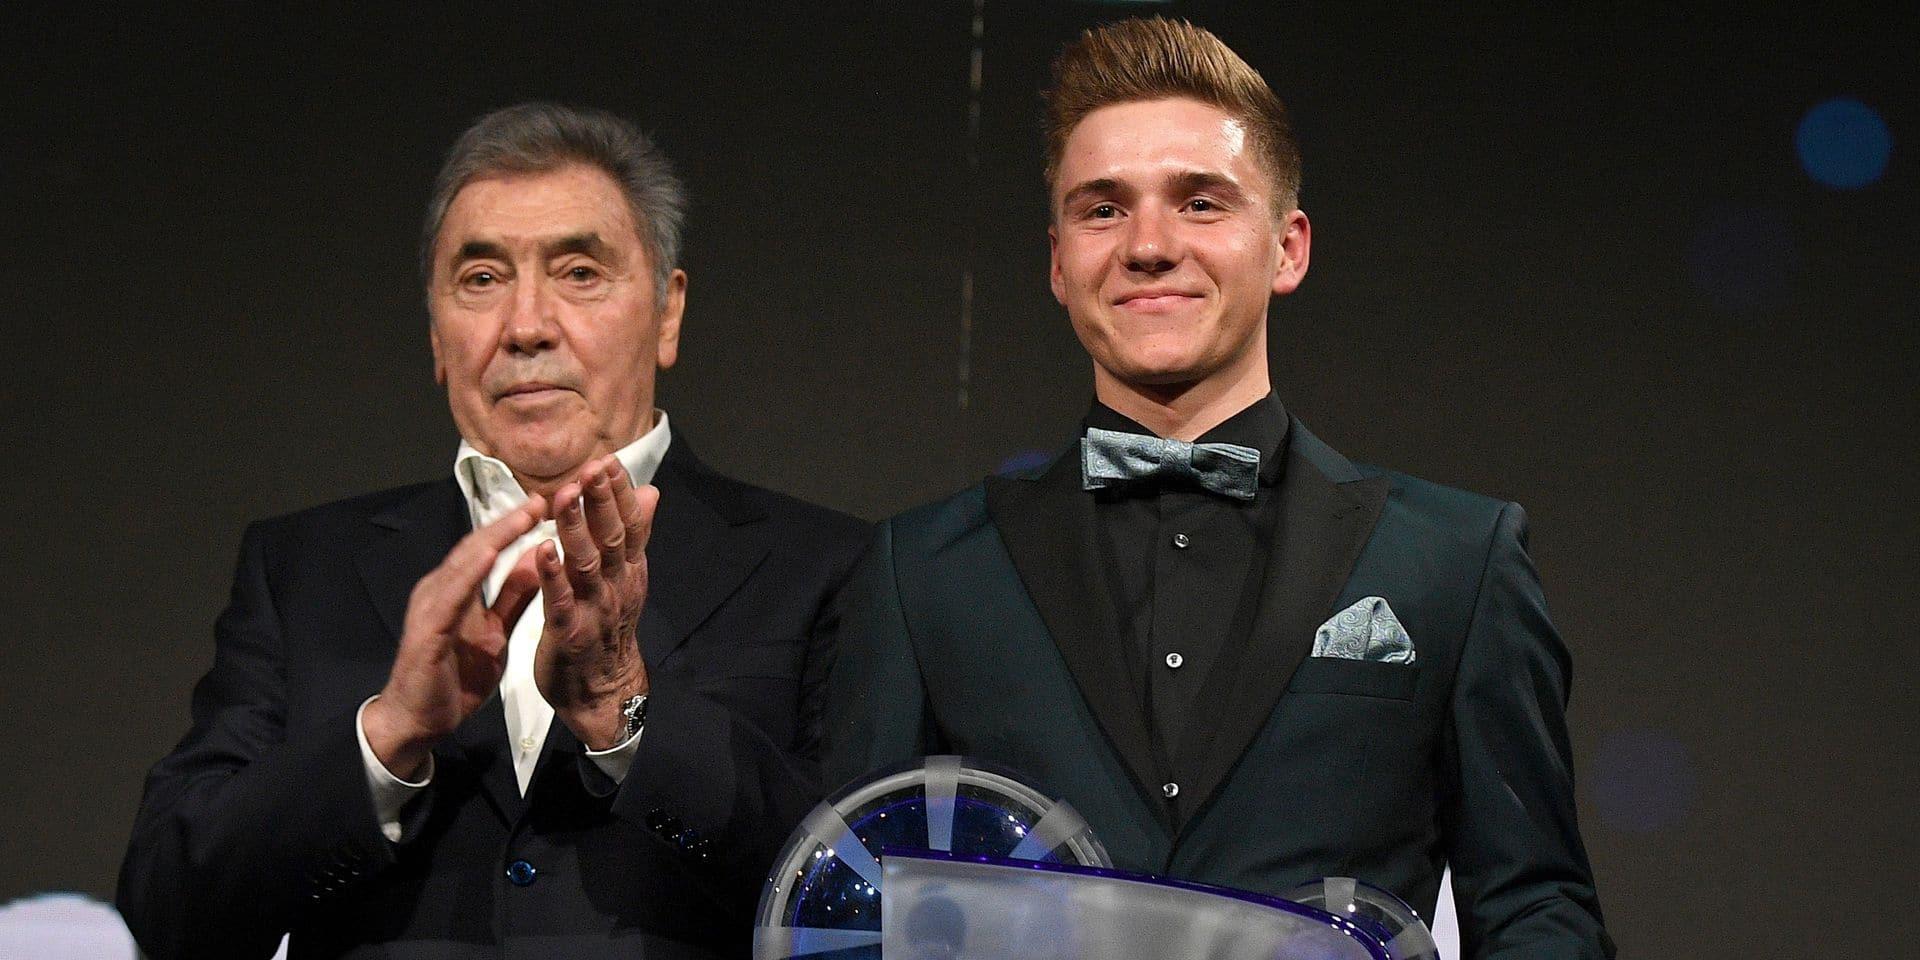 """Eddy Merckx donne peu de chance à Evenepoel sur le Giro: """"Jouer la victoire me semble compliqué"""""""